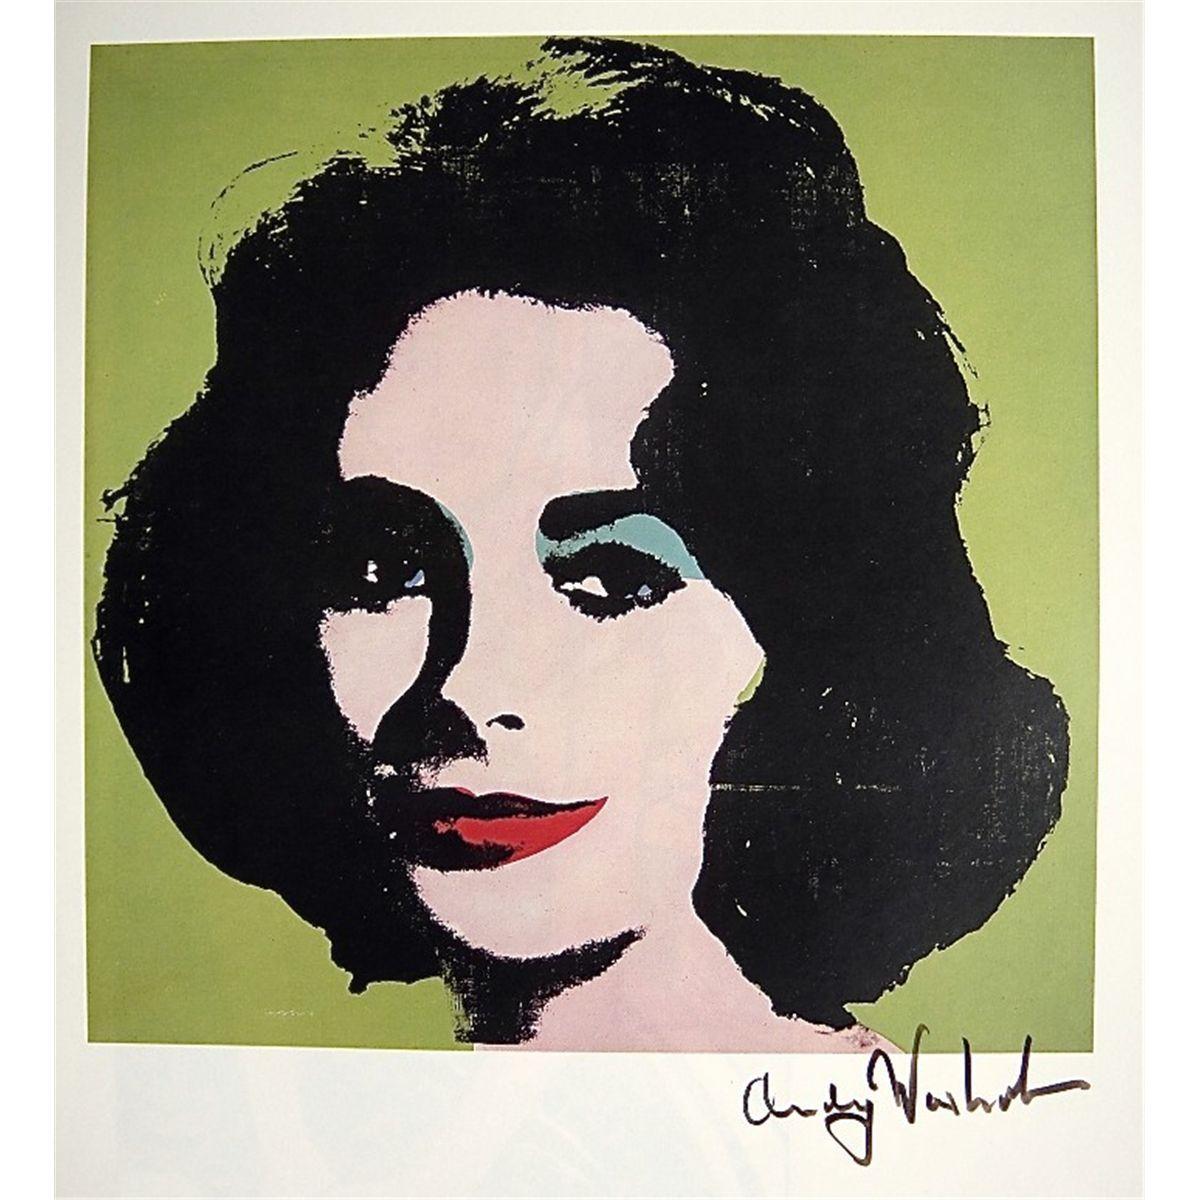 Andy WARHOL, Signed Print, Elizabeth Taylor Idea